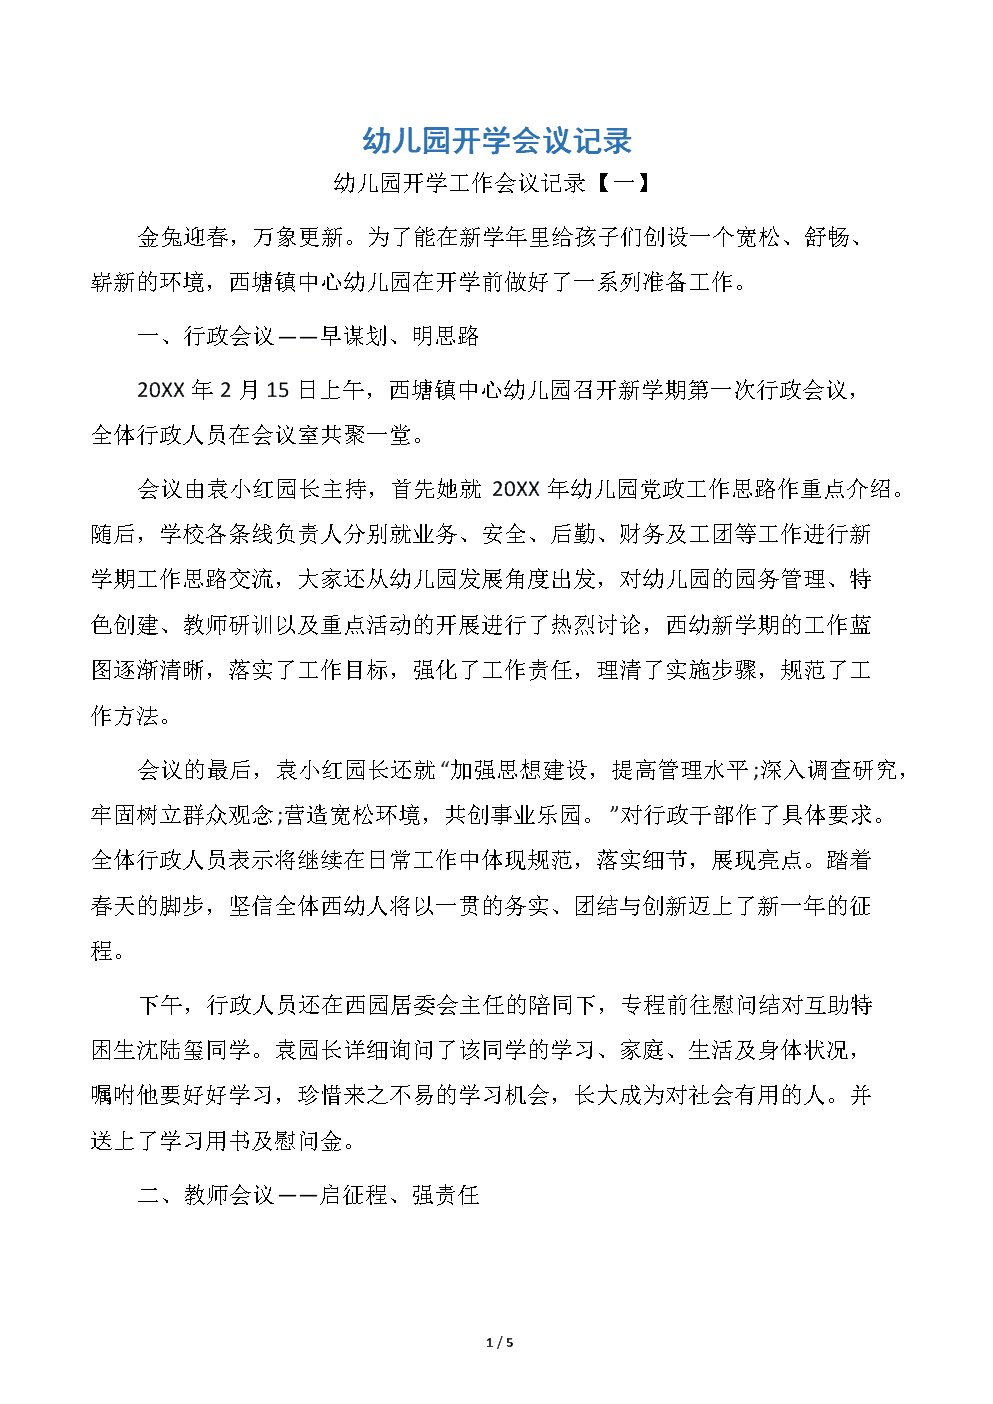 幼儿园开学会议记录.docx